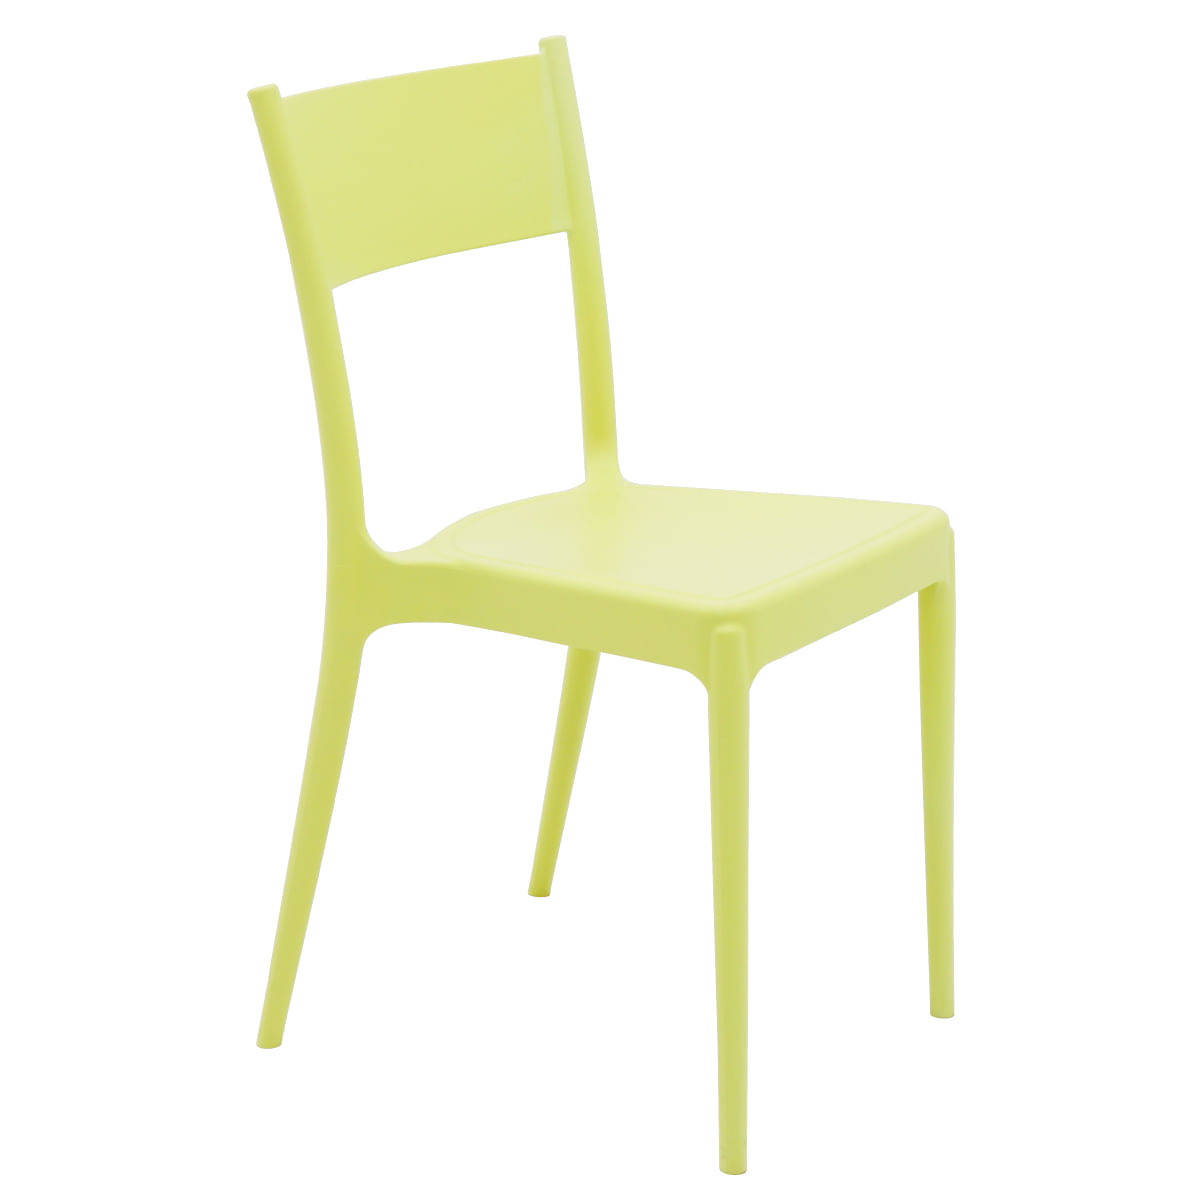 Cadeira Tramontina Diana ECO em Polipropileno Reciclado Amarelo